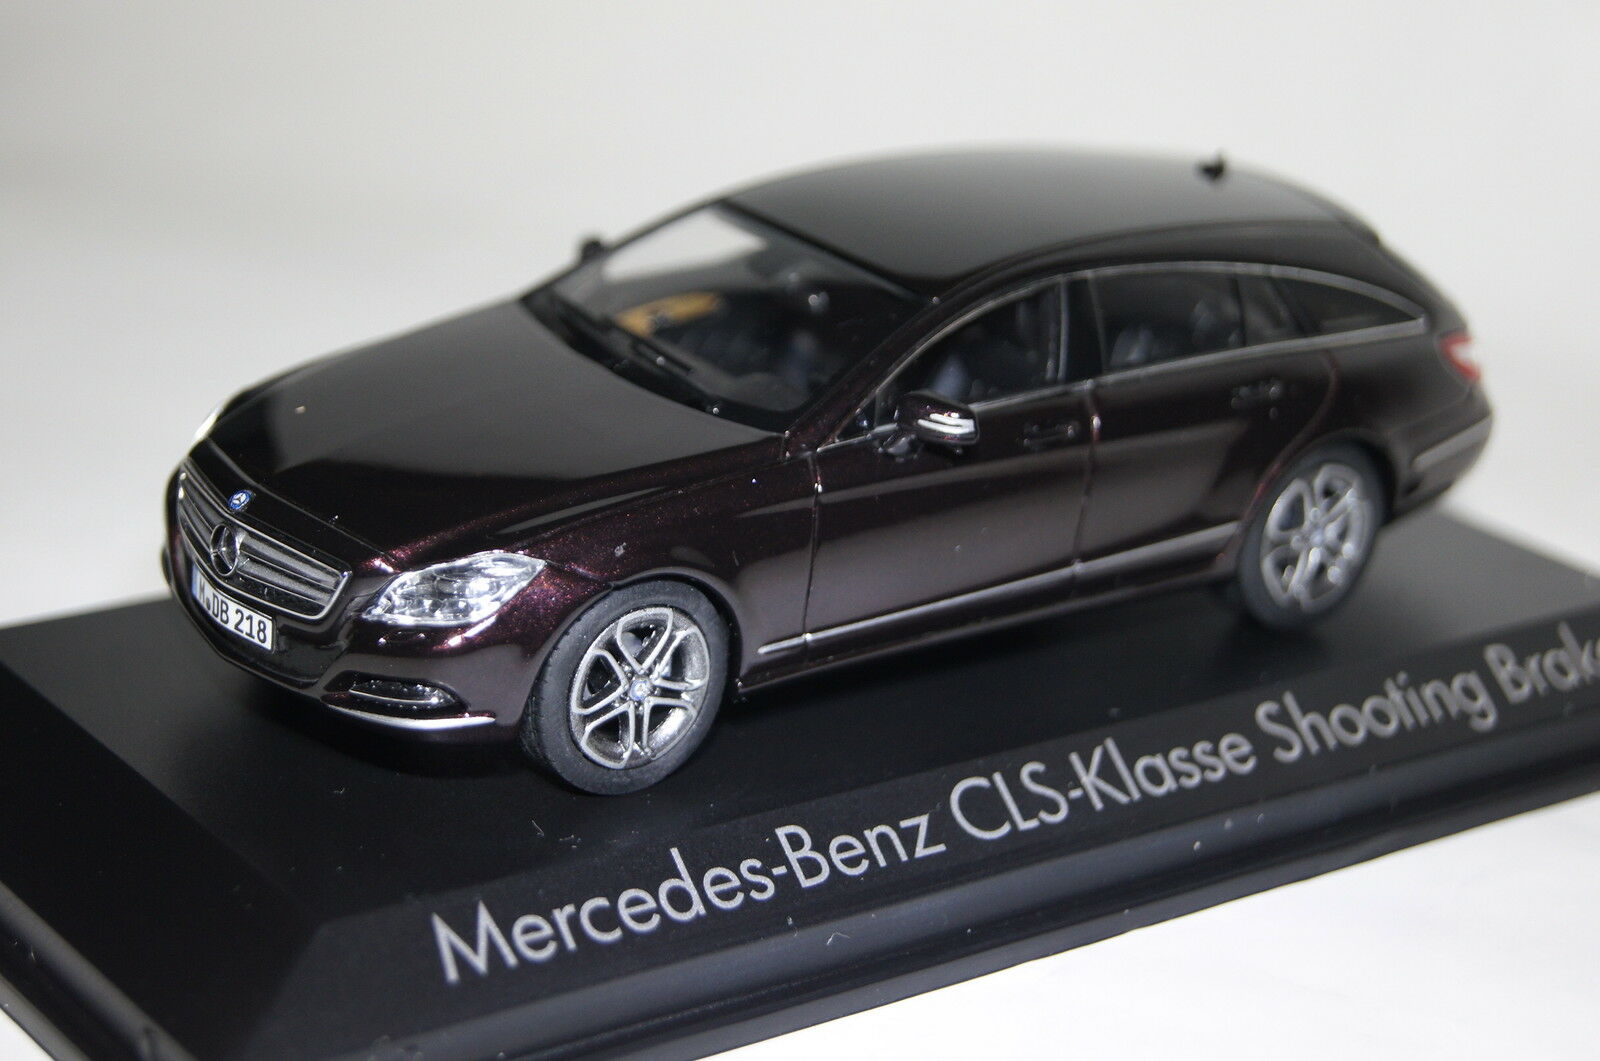 Mercedes CLS Shooting Brake 2012 braun Metallic 1 43 NOREV NEW + OVP 351310